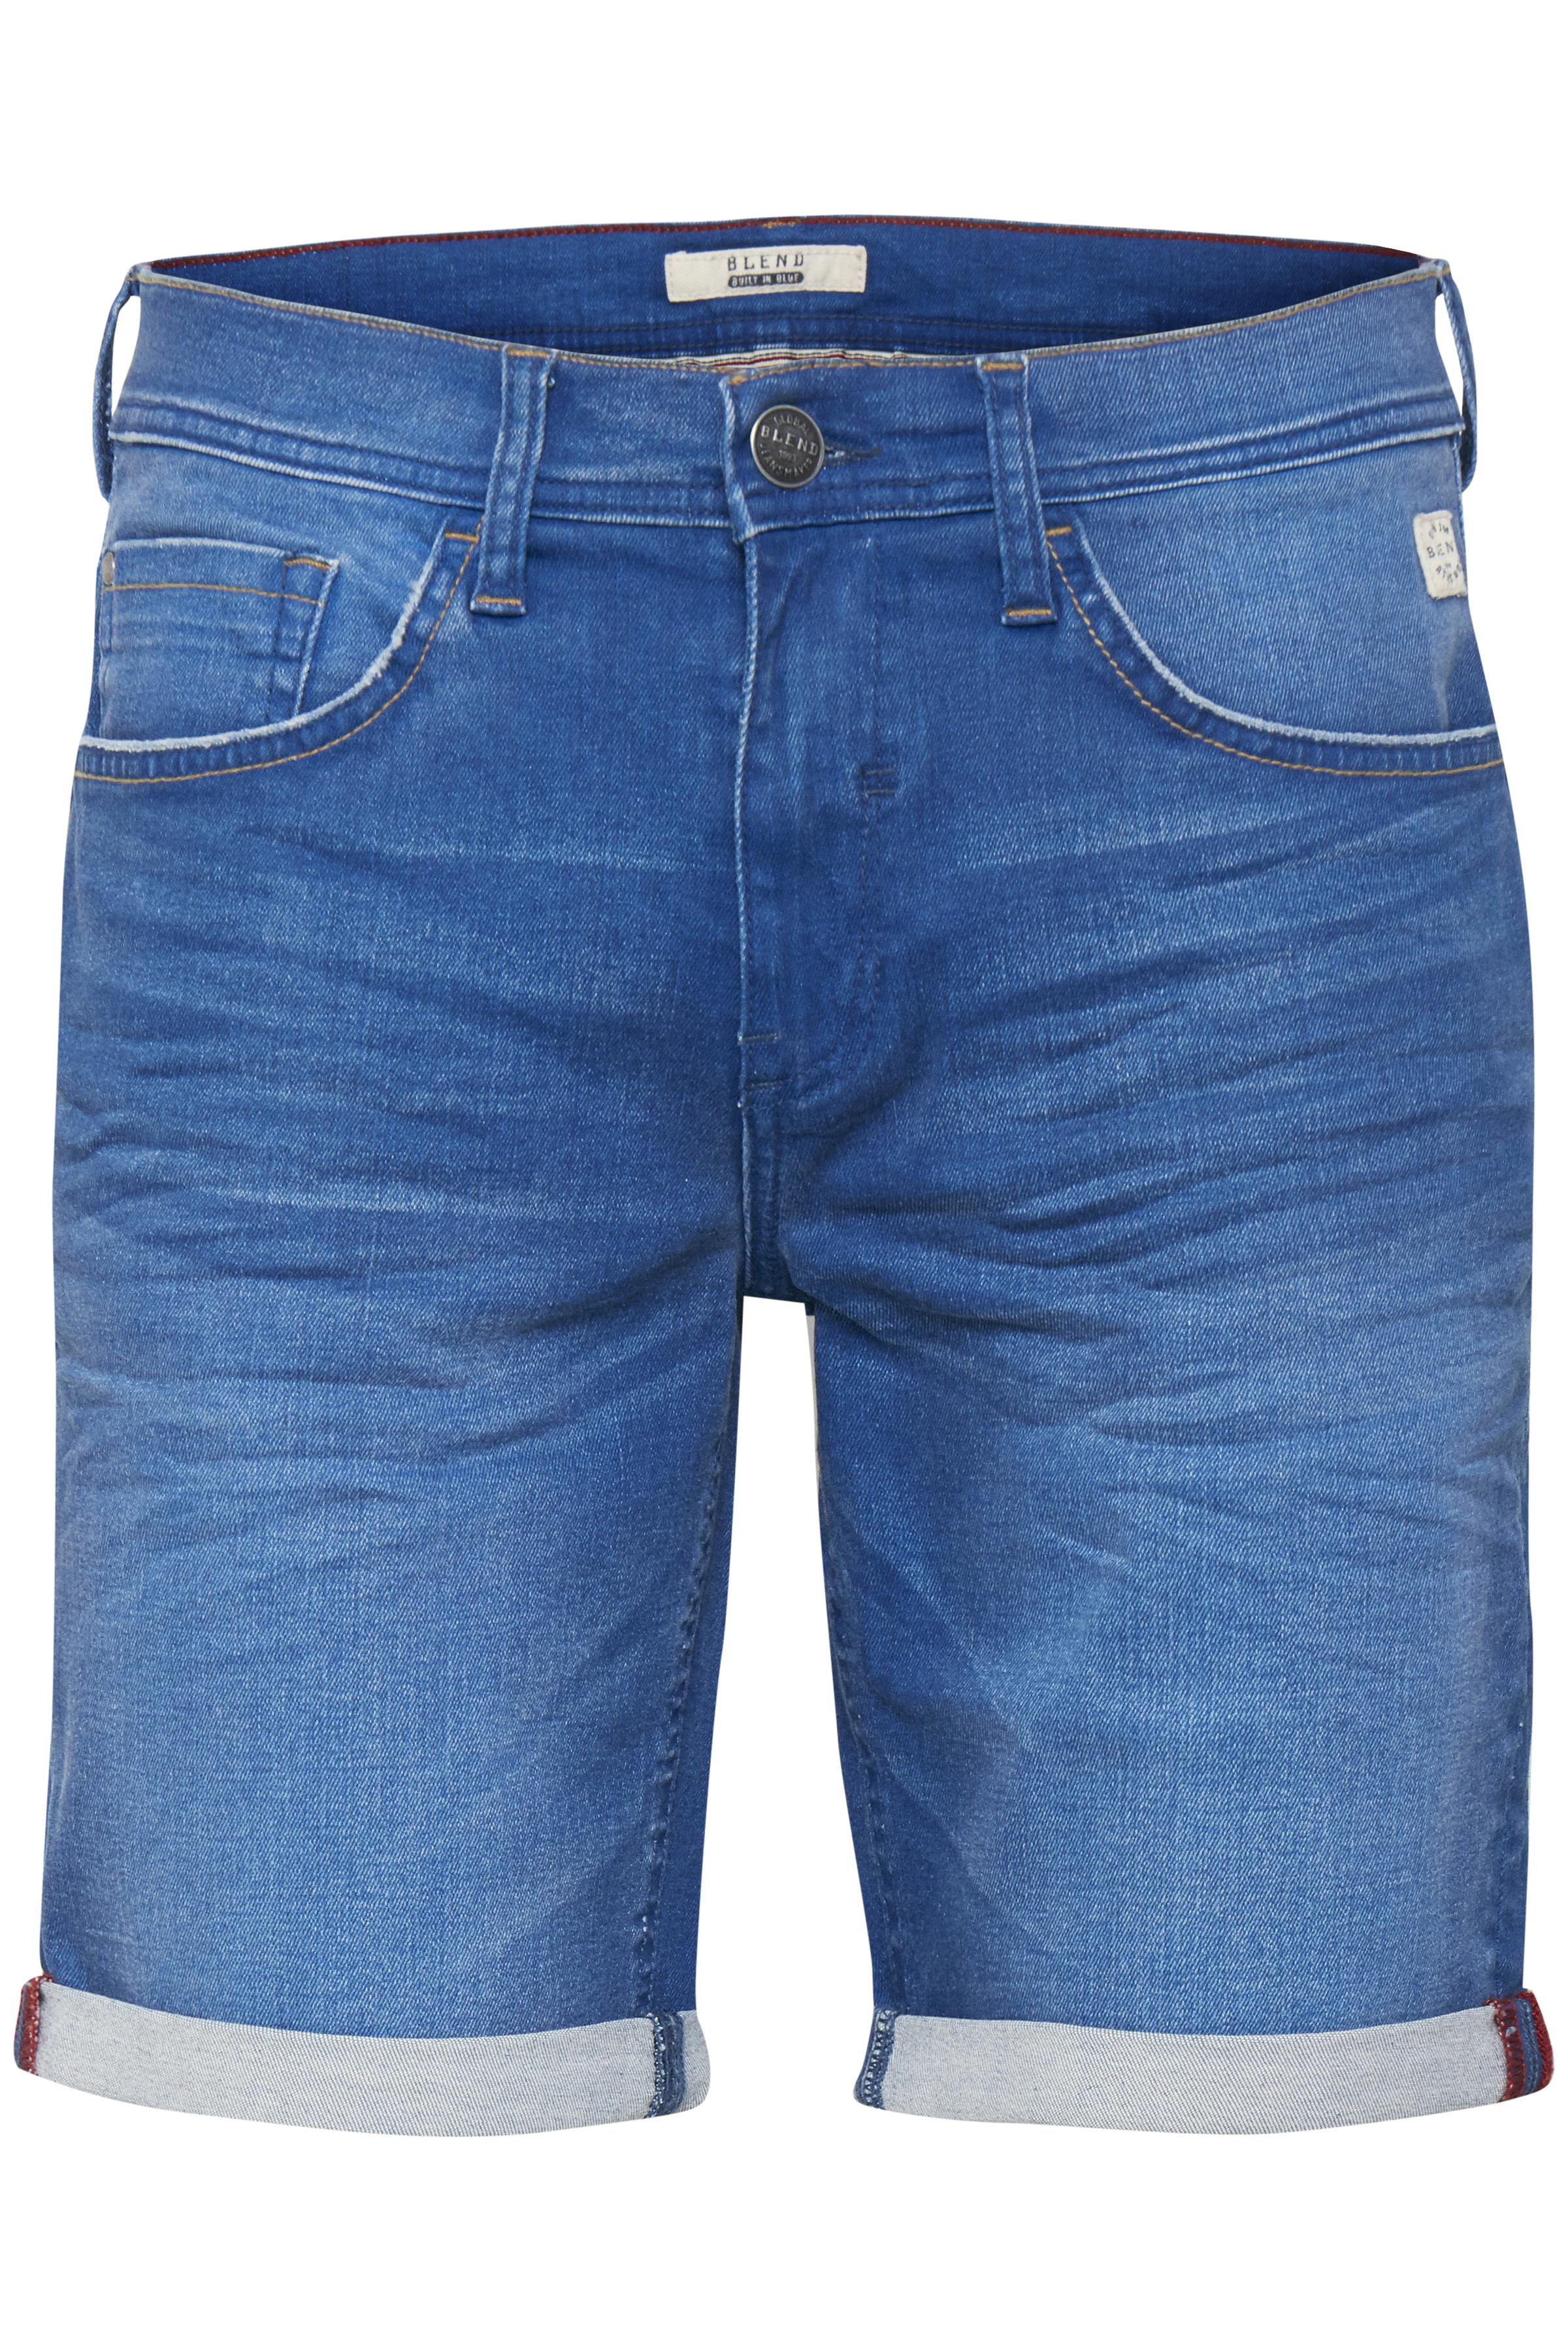 Denim Clear blue Denimshorts – Køb Denim Clear blue Denimshorts fra str. S-XL her